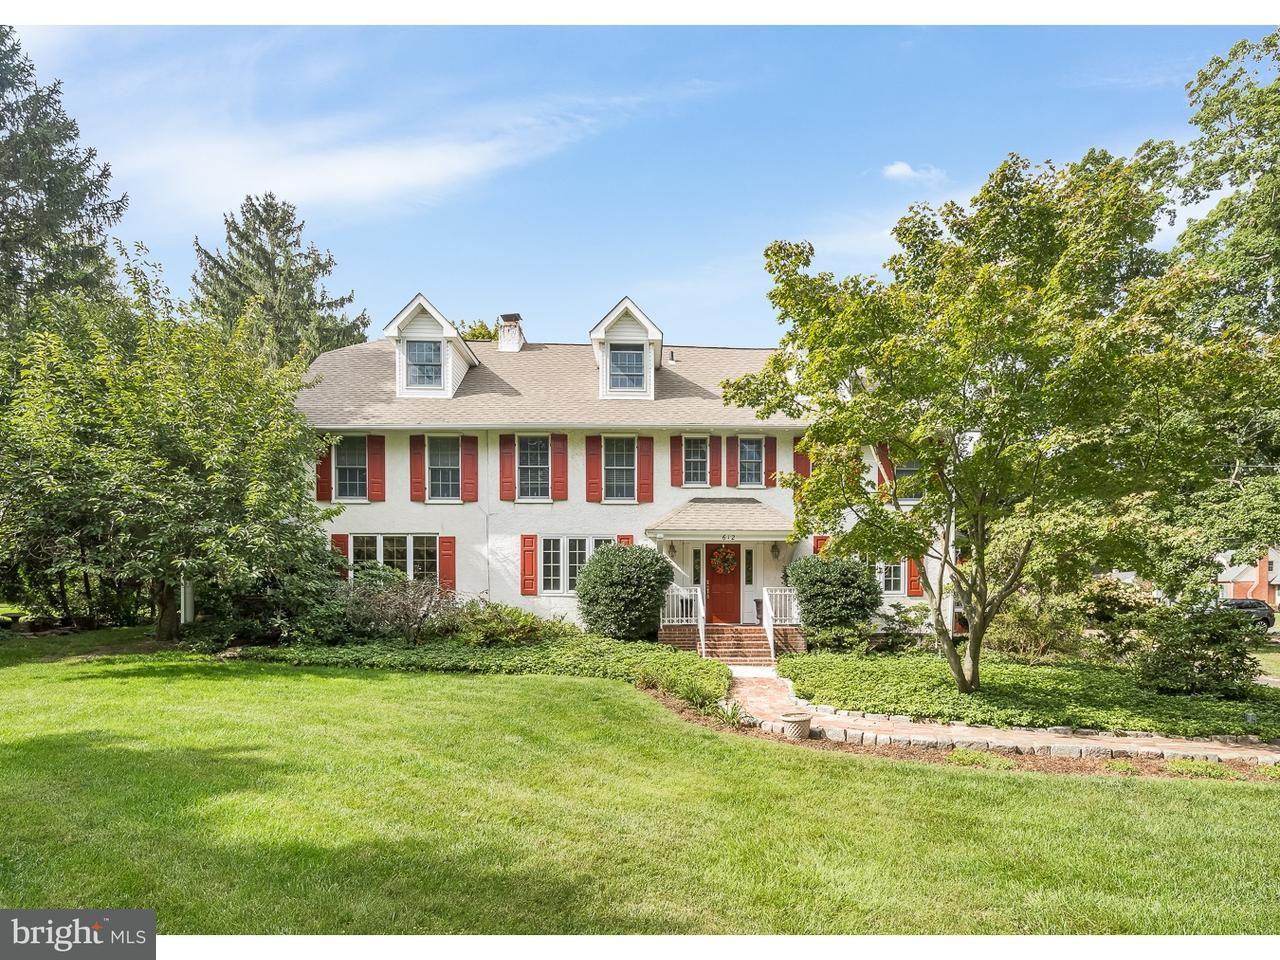 一戸建て のために 売買 アット 612 WARWICK Road Barrington, ニュージャージー 08033 アメリカ合衆国